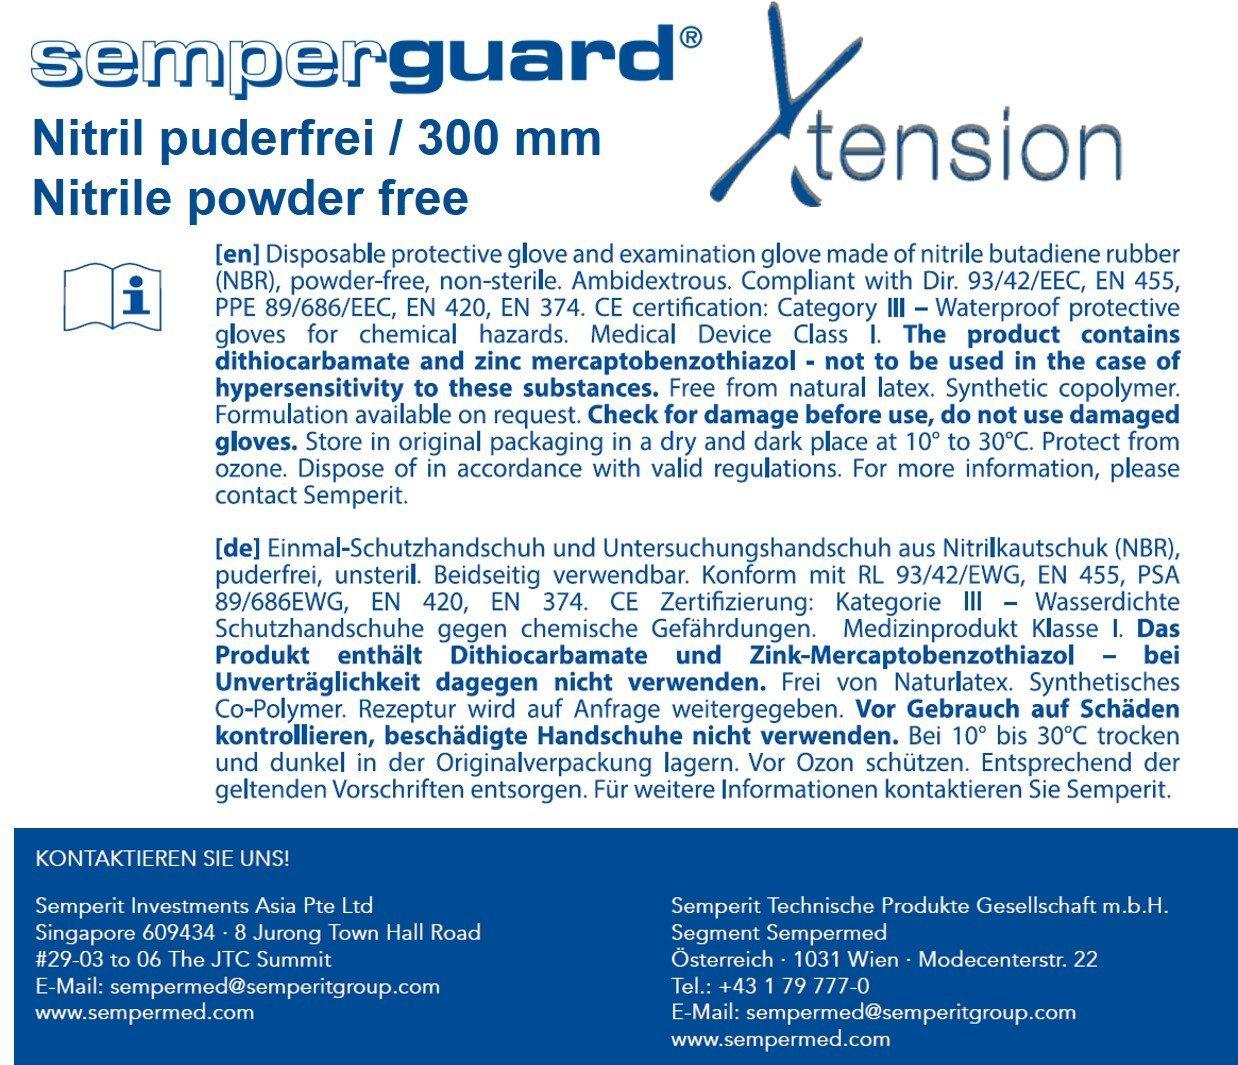 sin talco 8/ Semperguard uard 3000004102/Xtension extra larga einmalschutz y guantes desechables de nitrilo l/átex /9 color azul 100/unidades tama/ño L